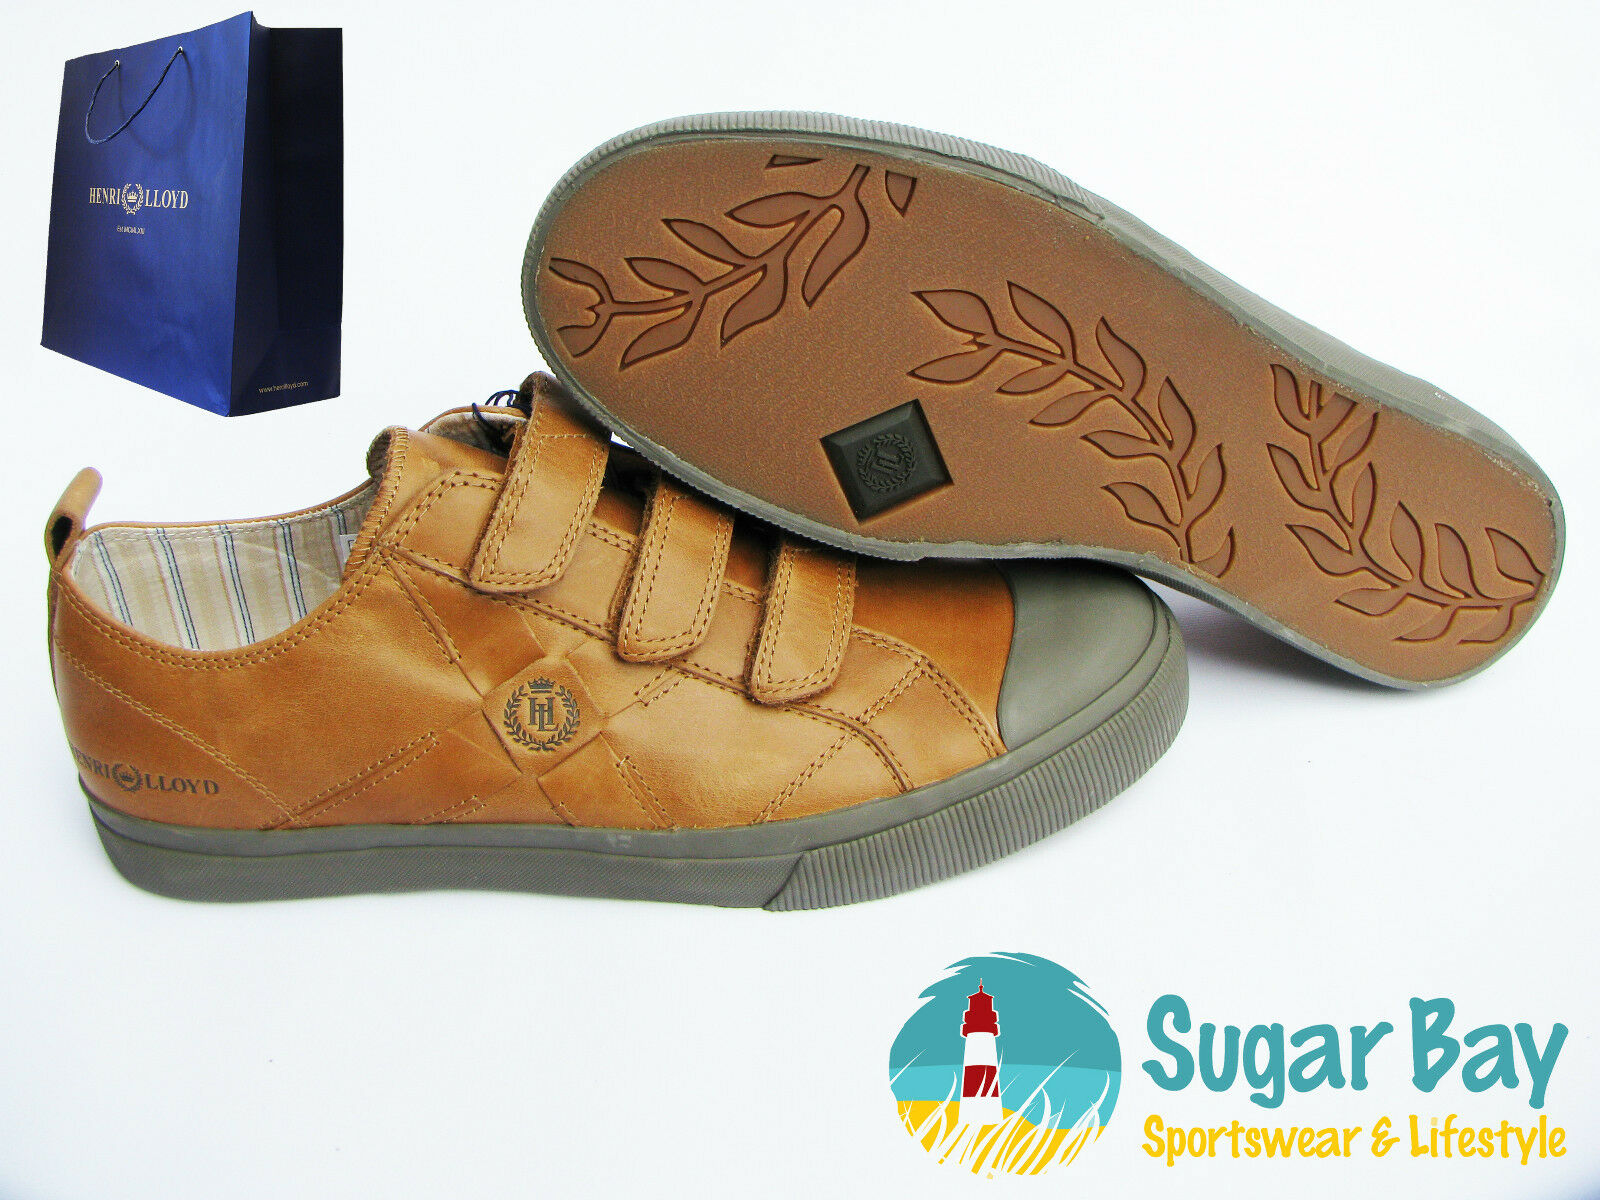 HENRI LLOYD WAVE STRAP Men's Leather Deck Trainers Shoes Tan Eu 46 US 12